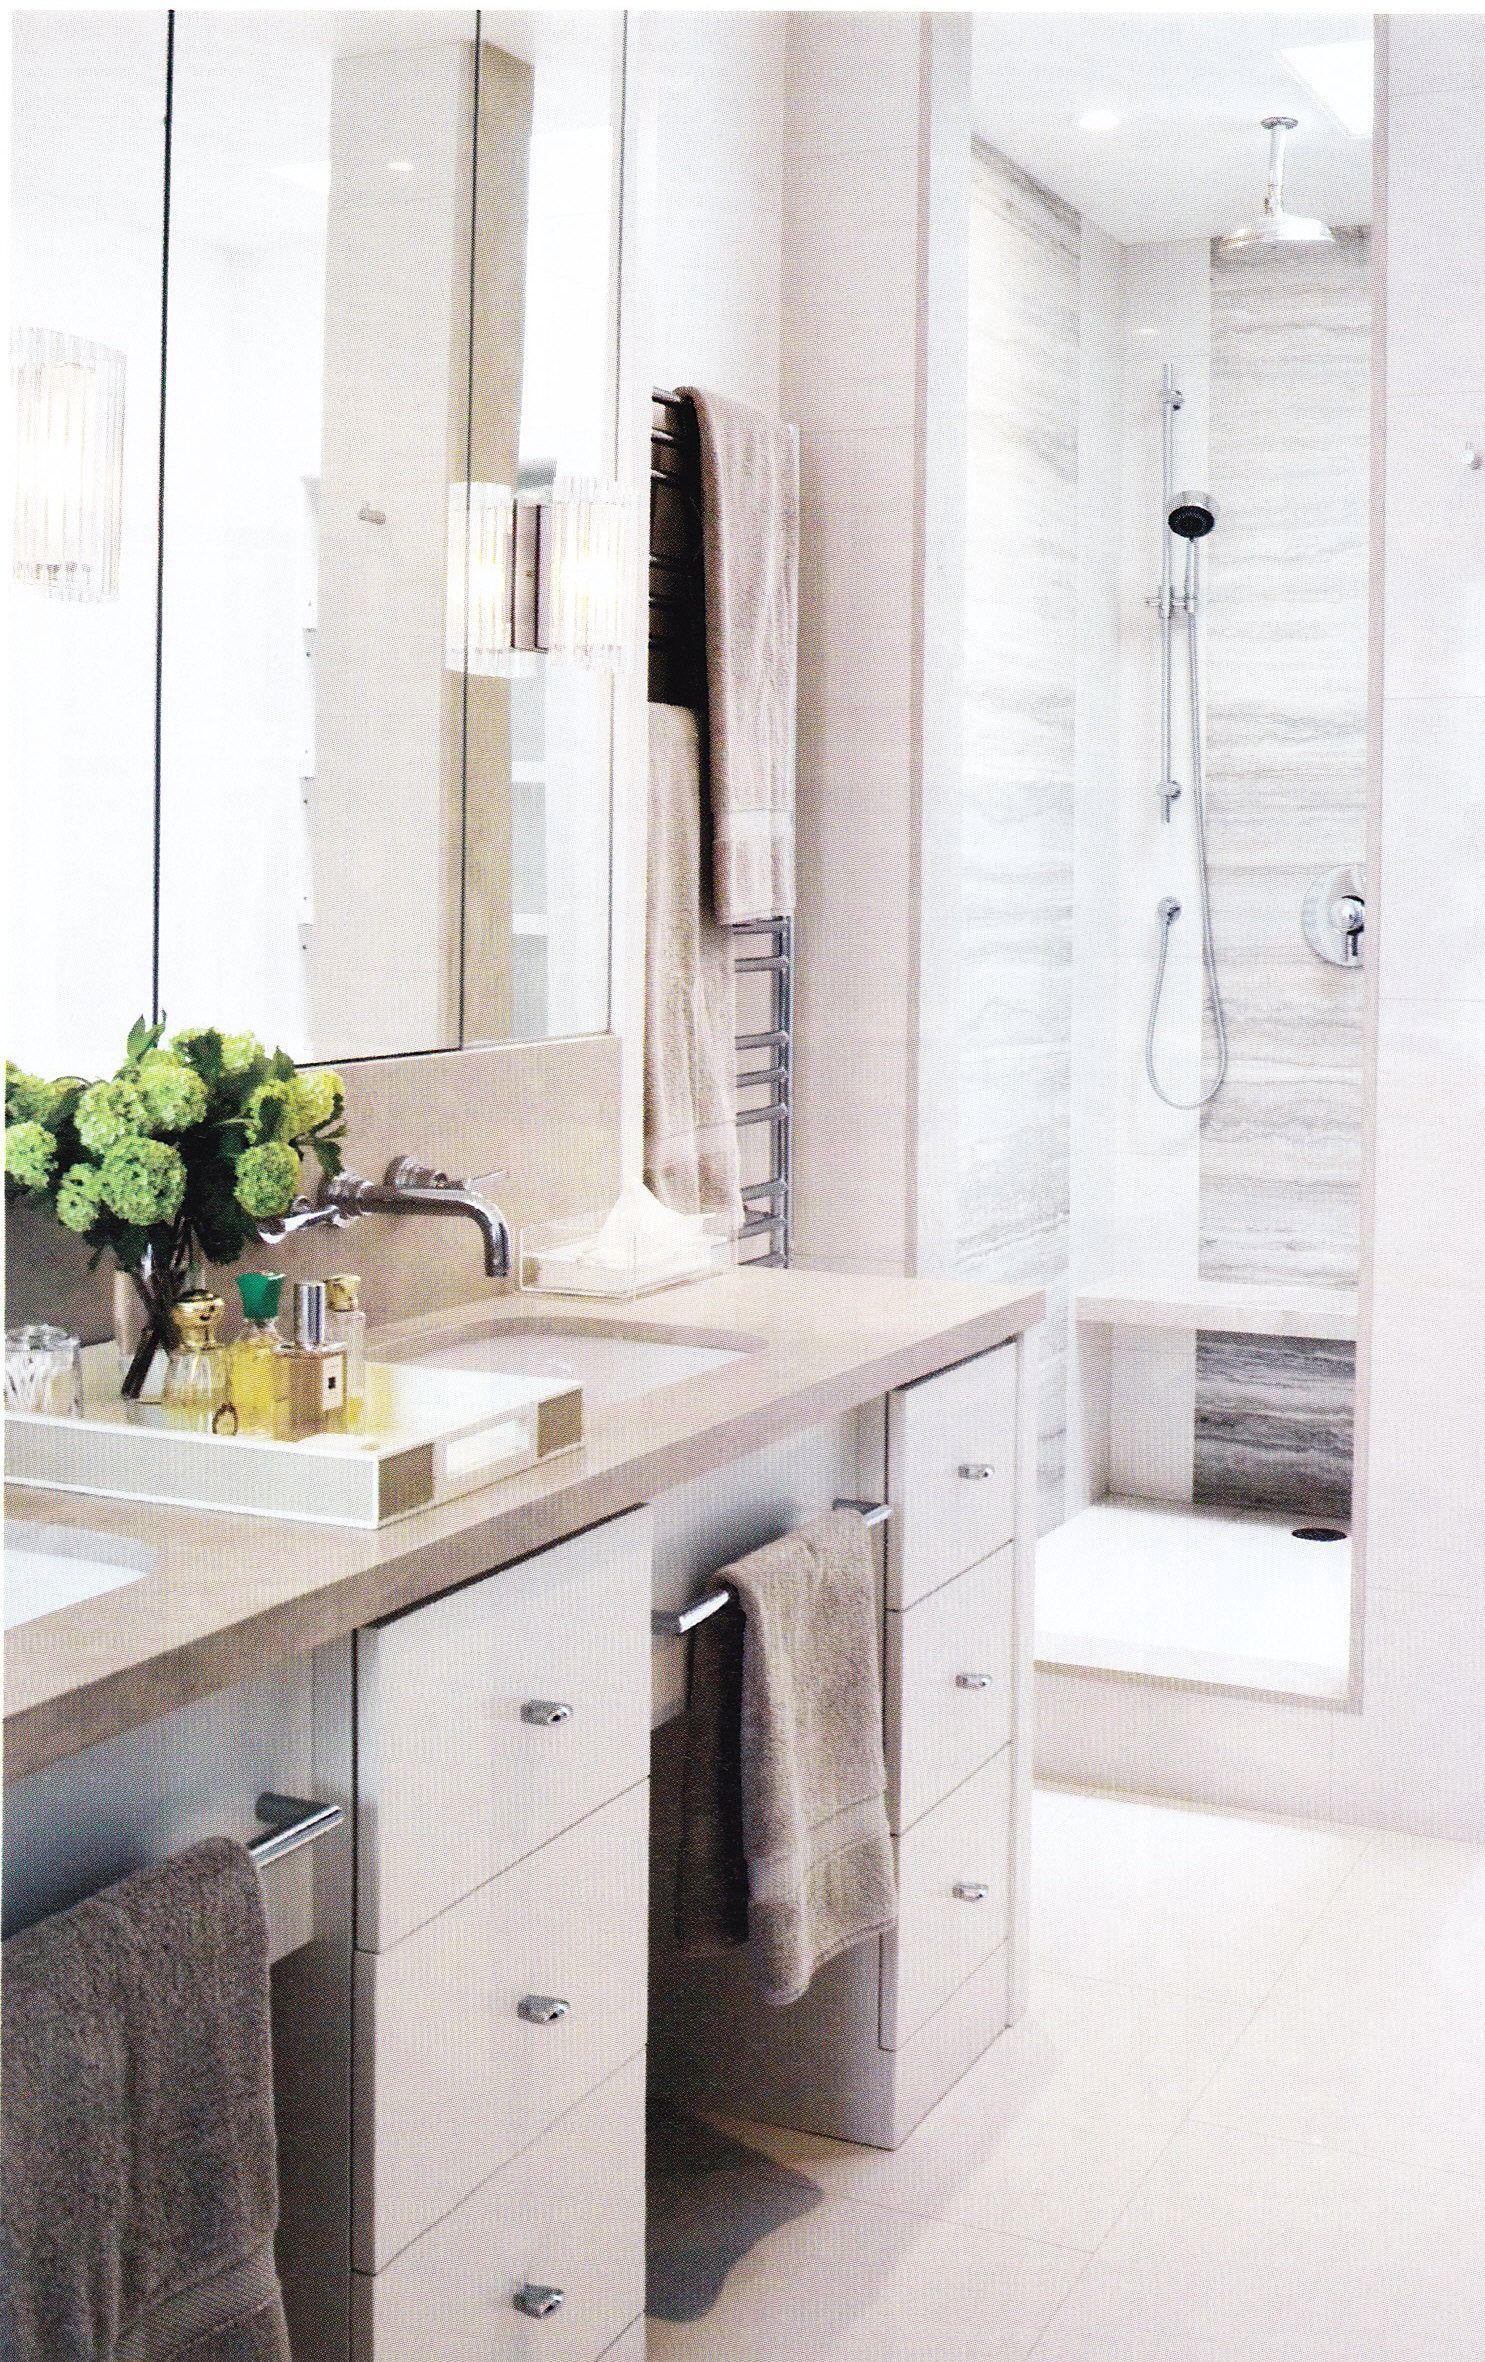 Vanity With Recessed Towel Bars Bathroom Design Vanity Towel Bar